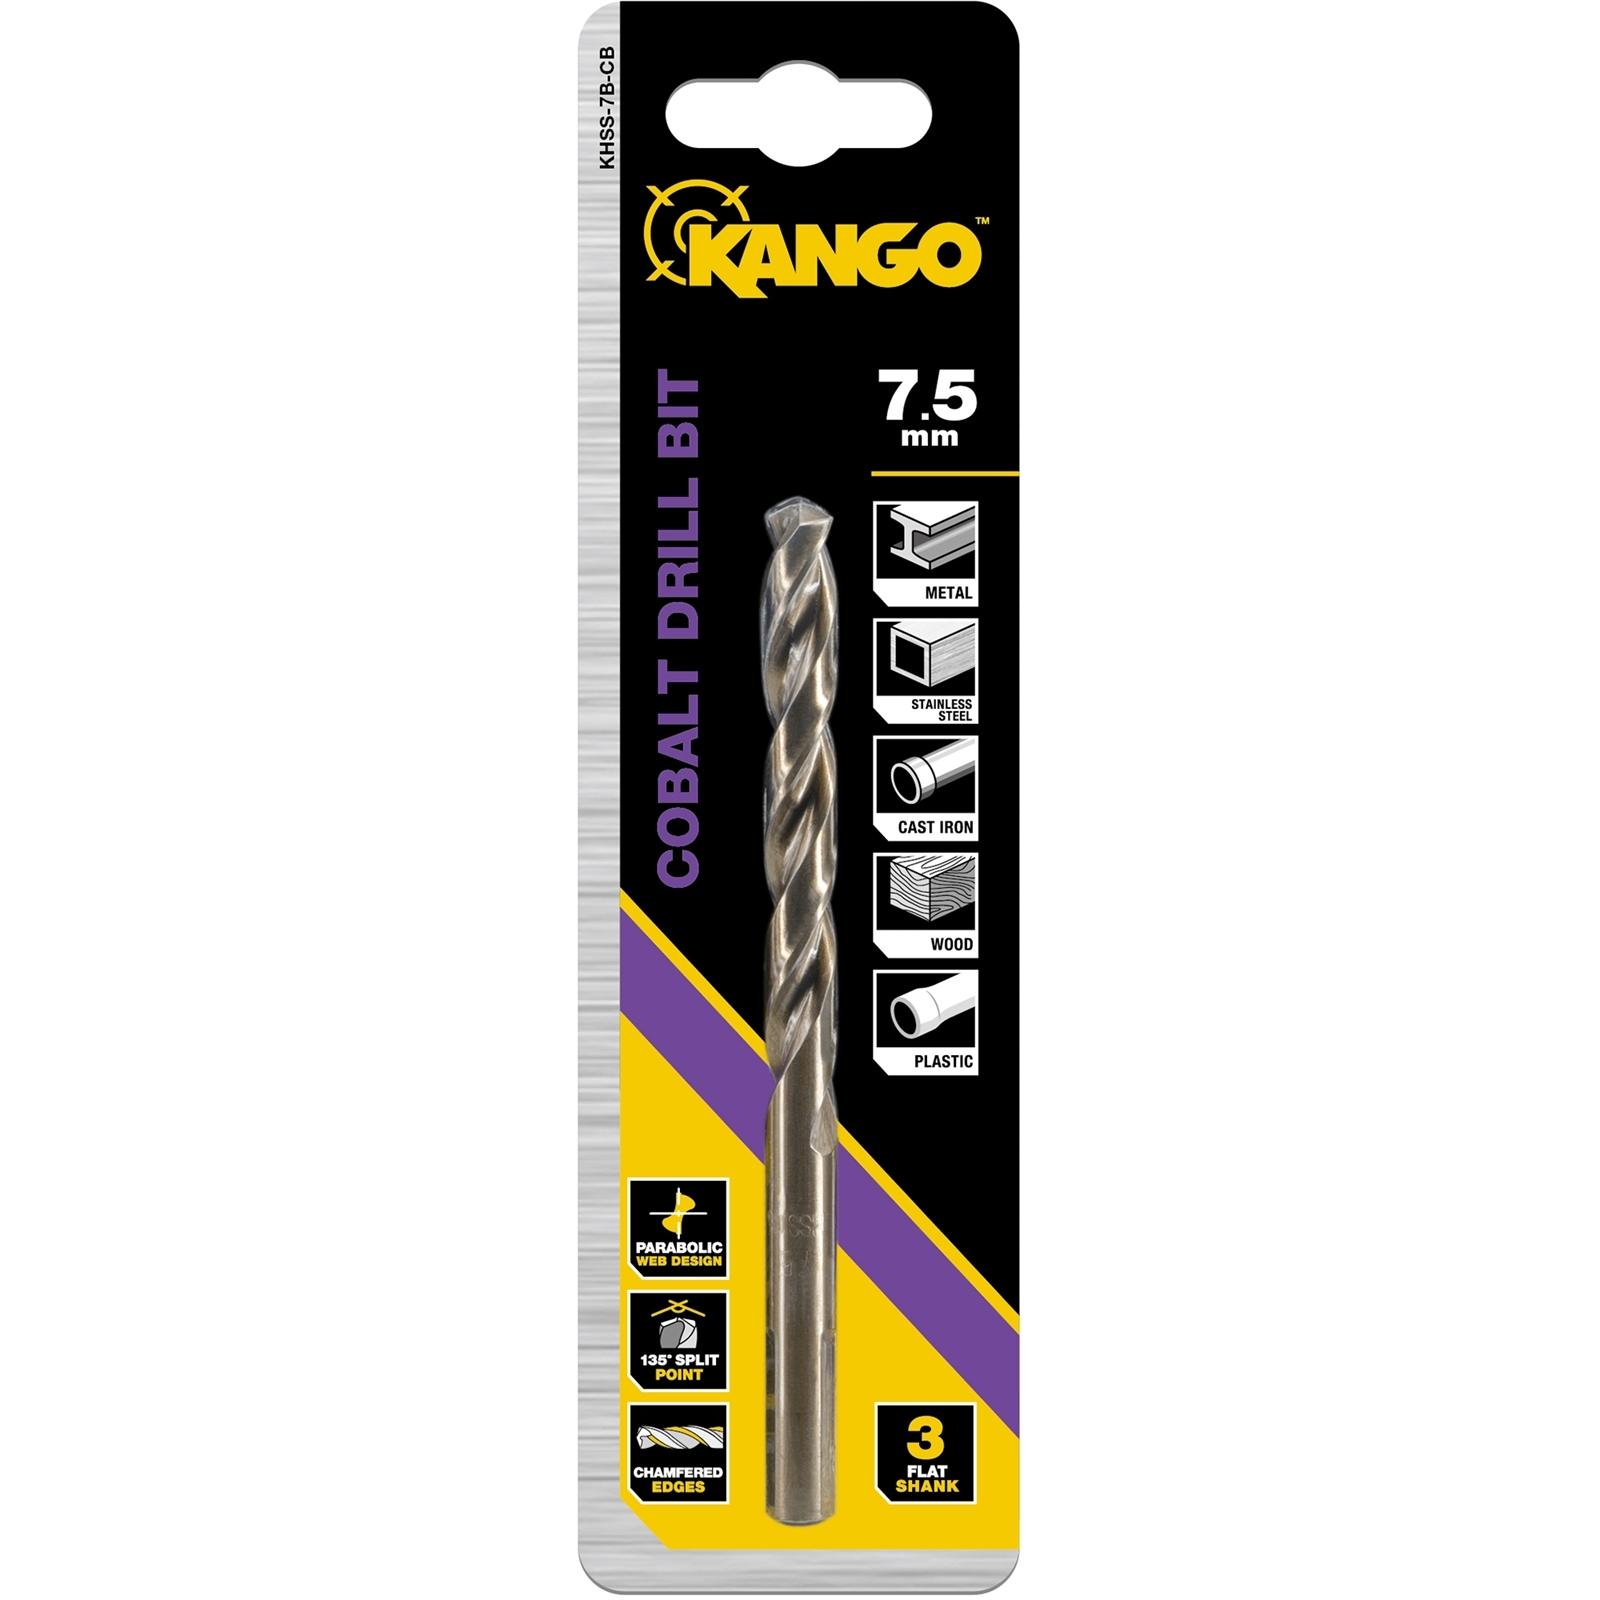 Kango 7.5mm Cobalt Drill Bit